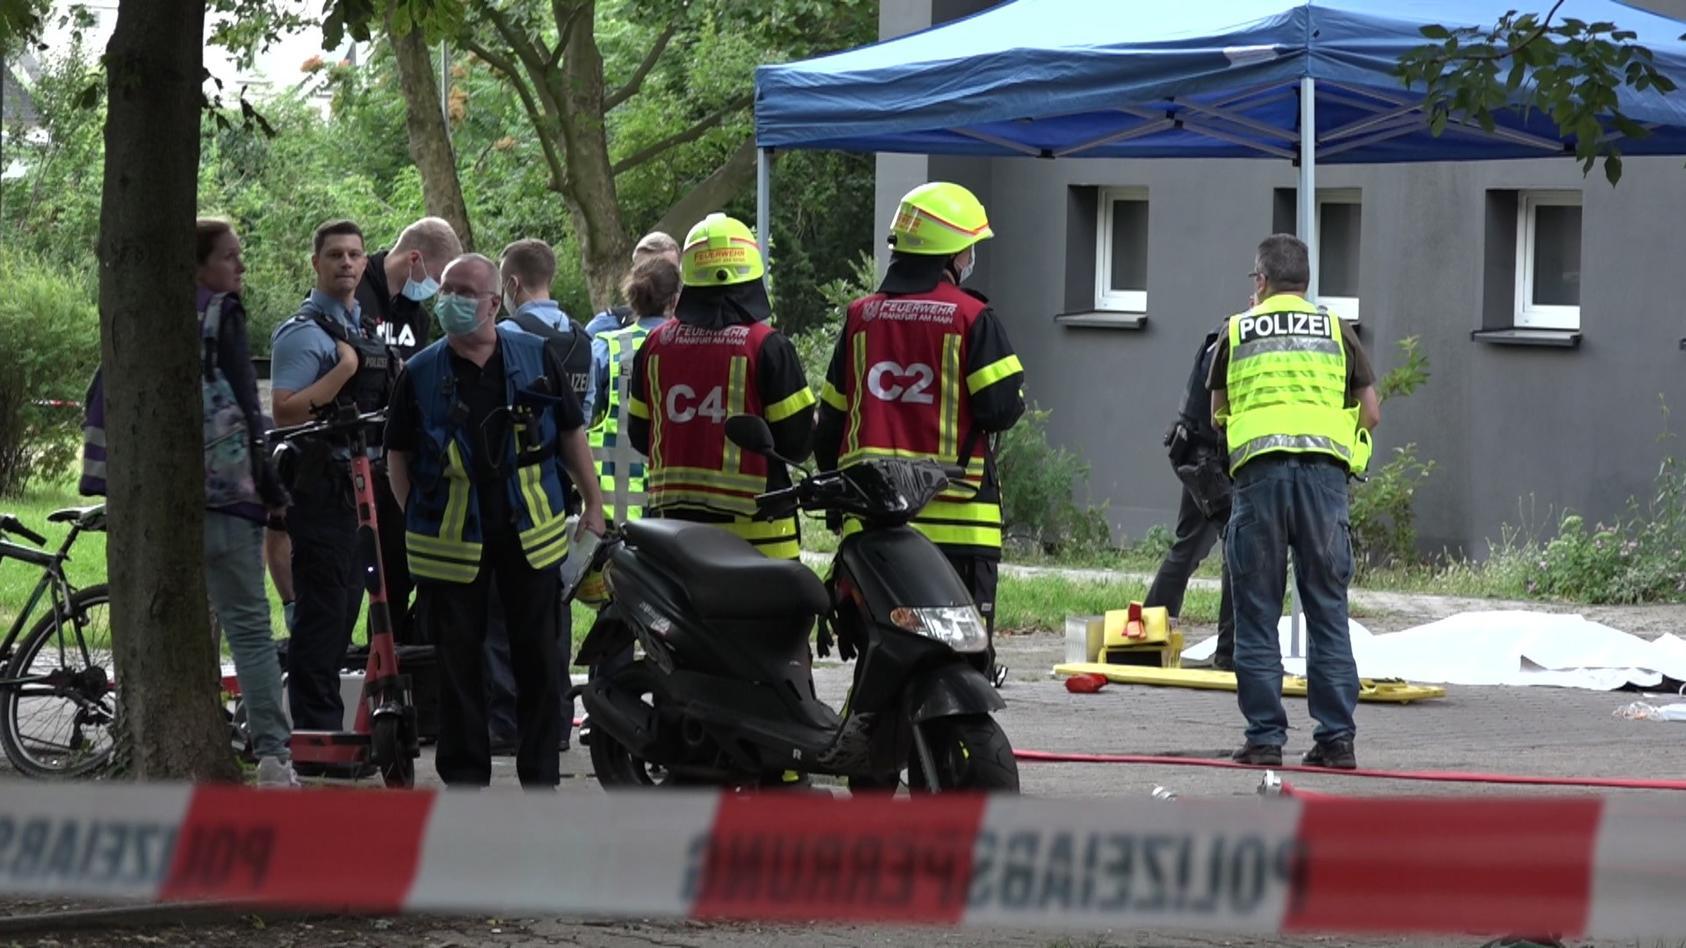 Ein Anwohner kletterte aus dem achten Stock eines Wohnhauses, um sich vor einem Brand in Sicherheit zu bringen. Dabei stürzte er in die Tiefe.